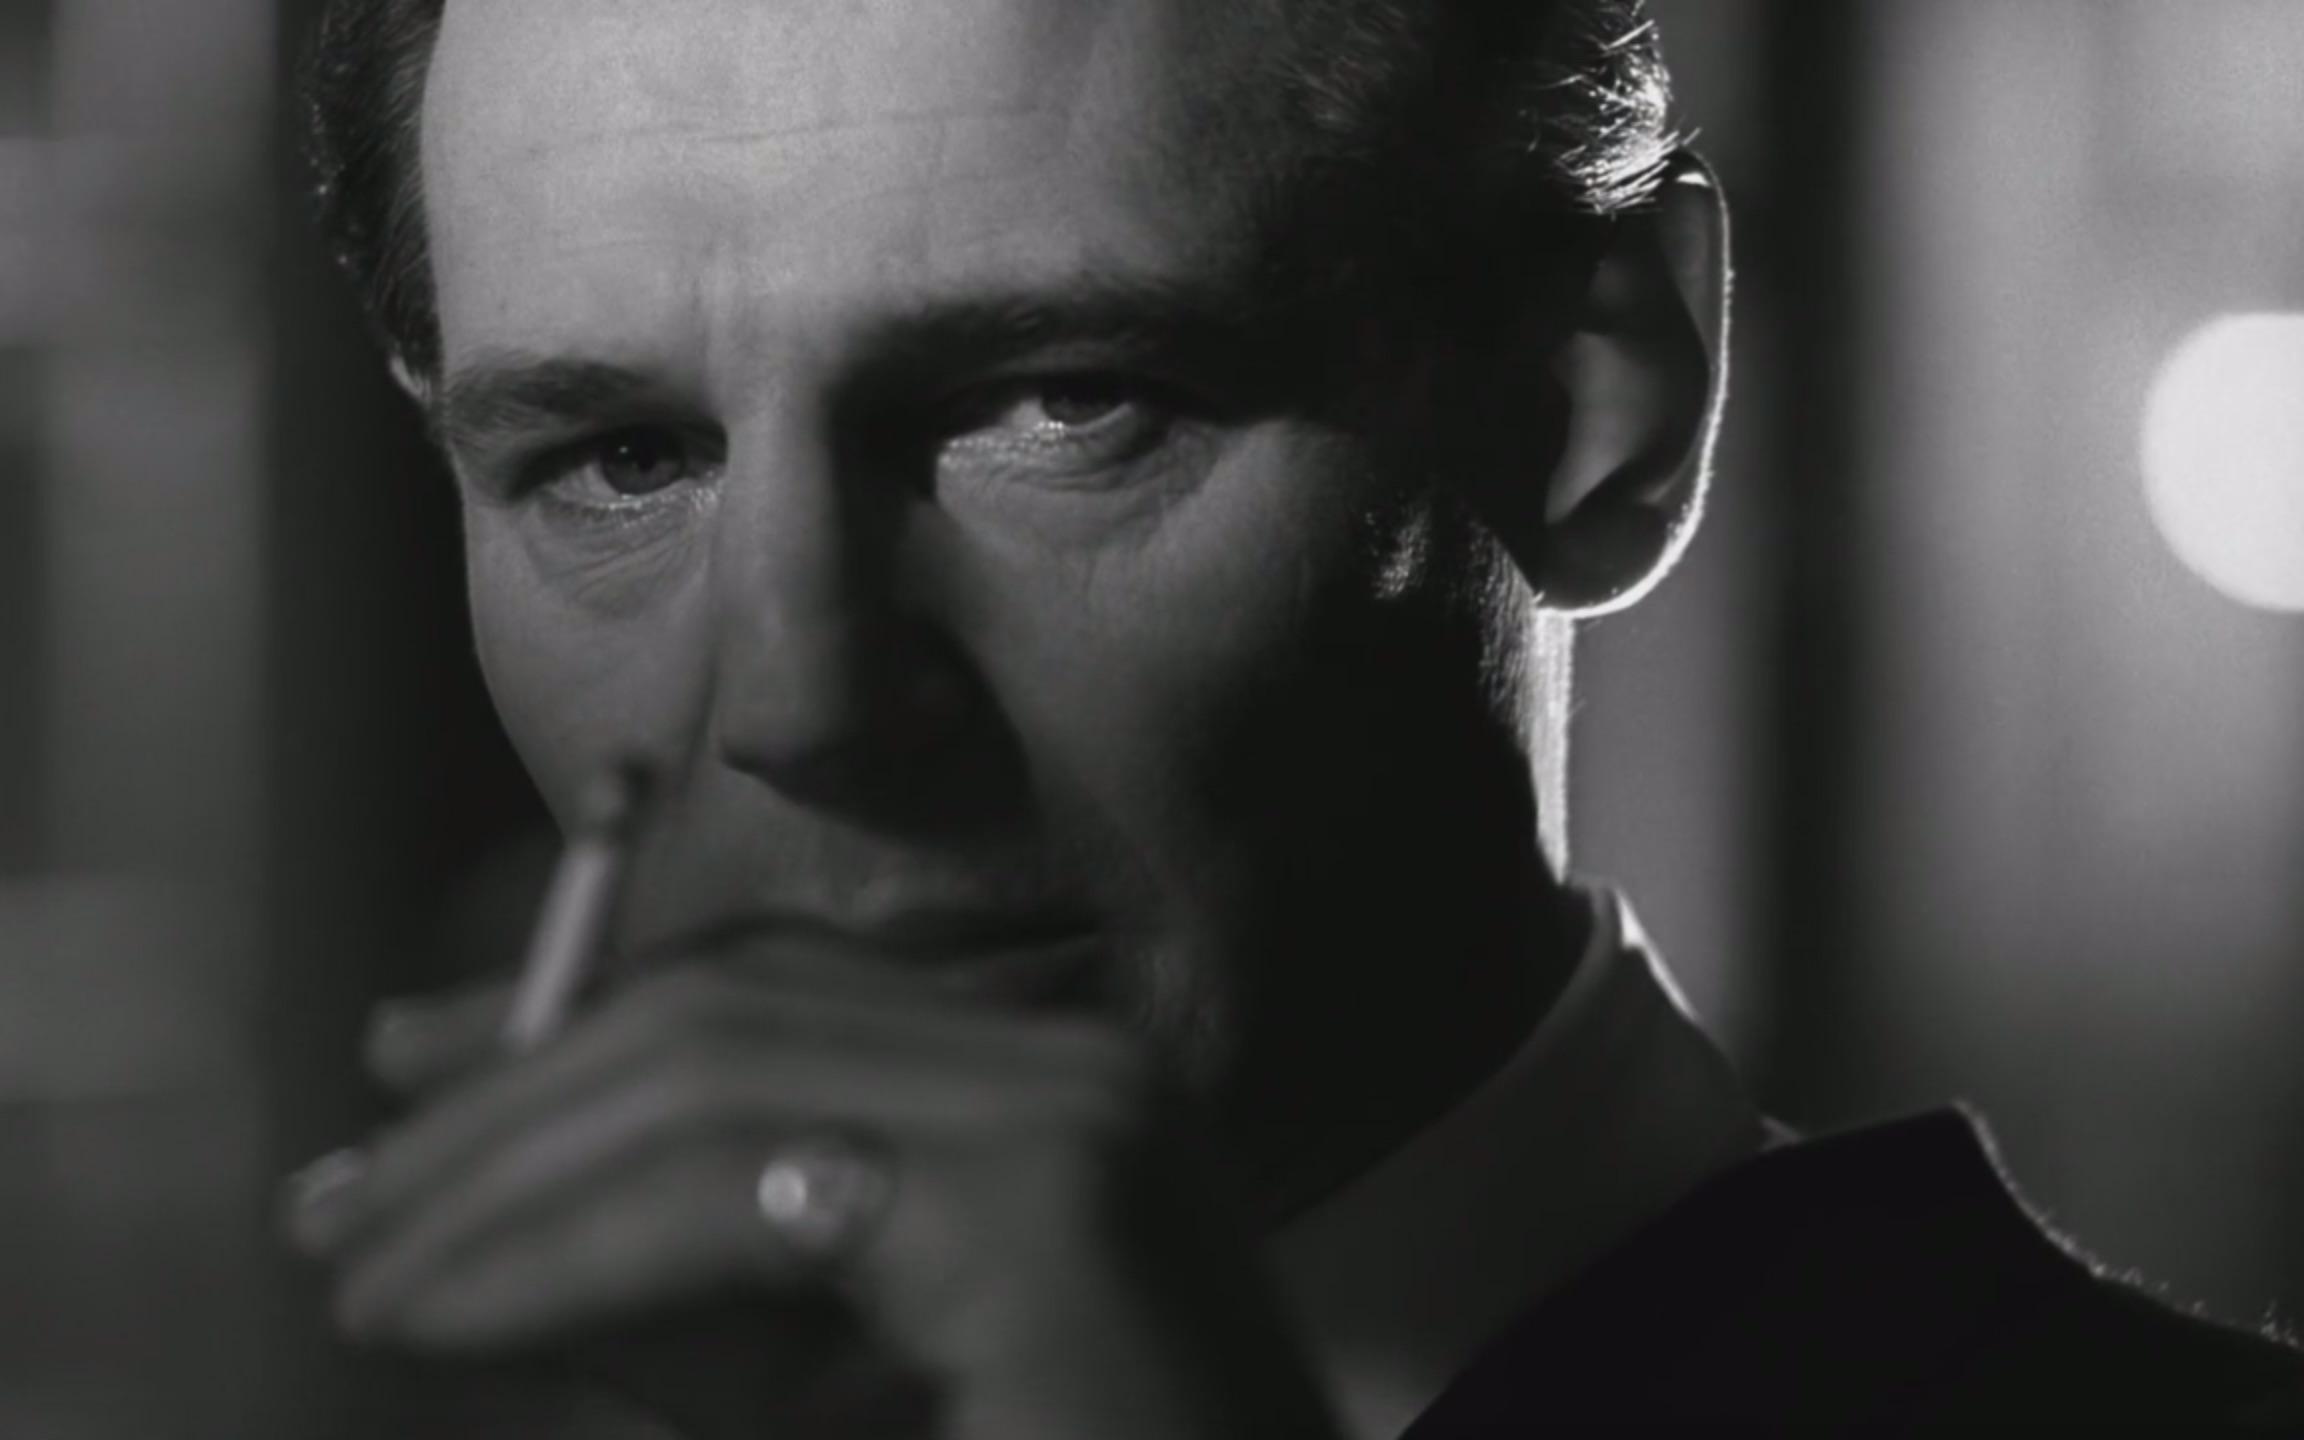 斯皮尔伯格所有电影_辛德勒的名单的全部相关视频_bilibili_哔哩哔哩弹幕视频网